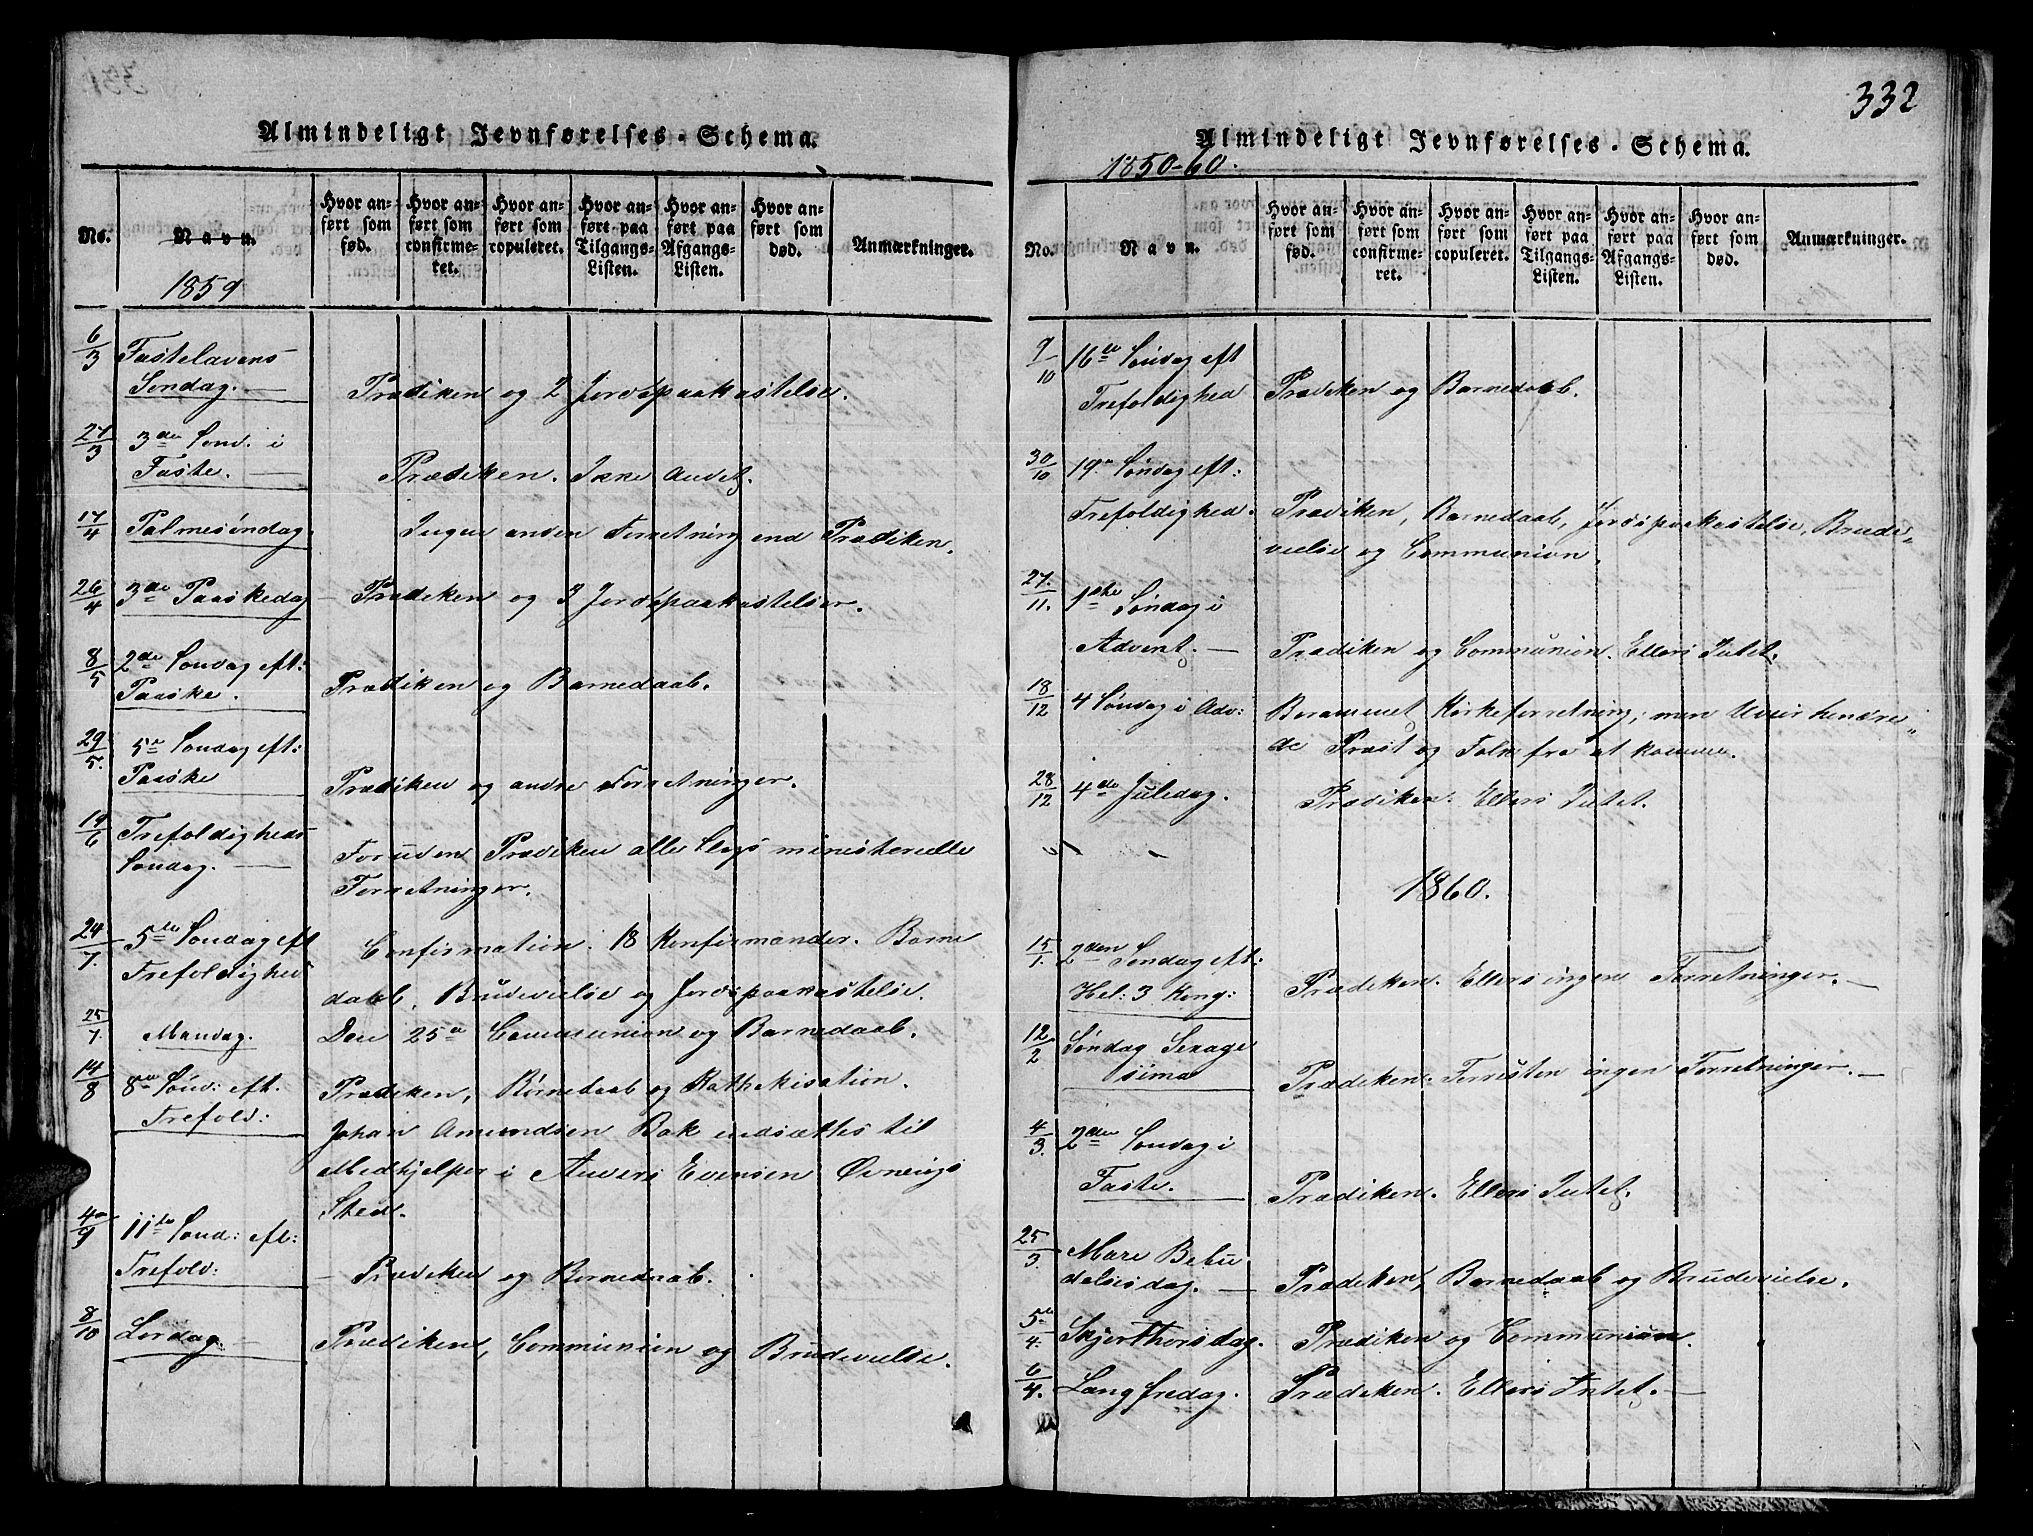 SAT, Ministerialprotokoller, klokkerbøker og fødselsregistre - Nord-Trøndelag, 780/L0648: Klokkerbok nr. 780C01 /1, 1815-1870, s. 332